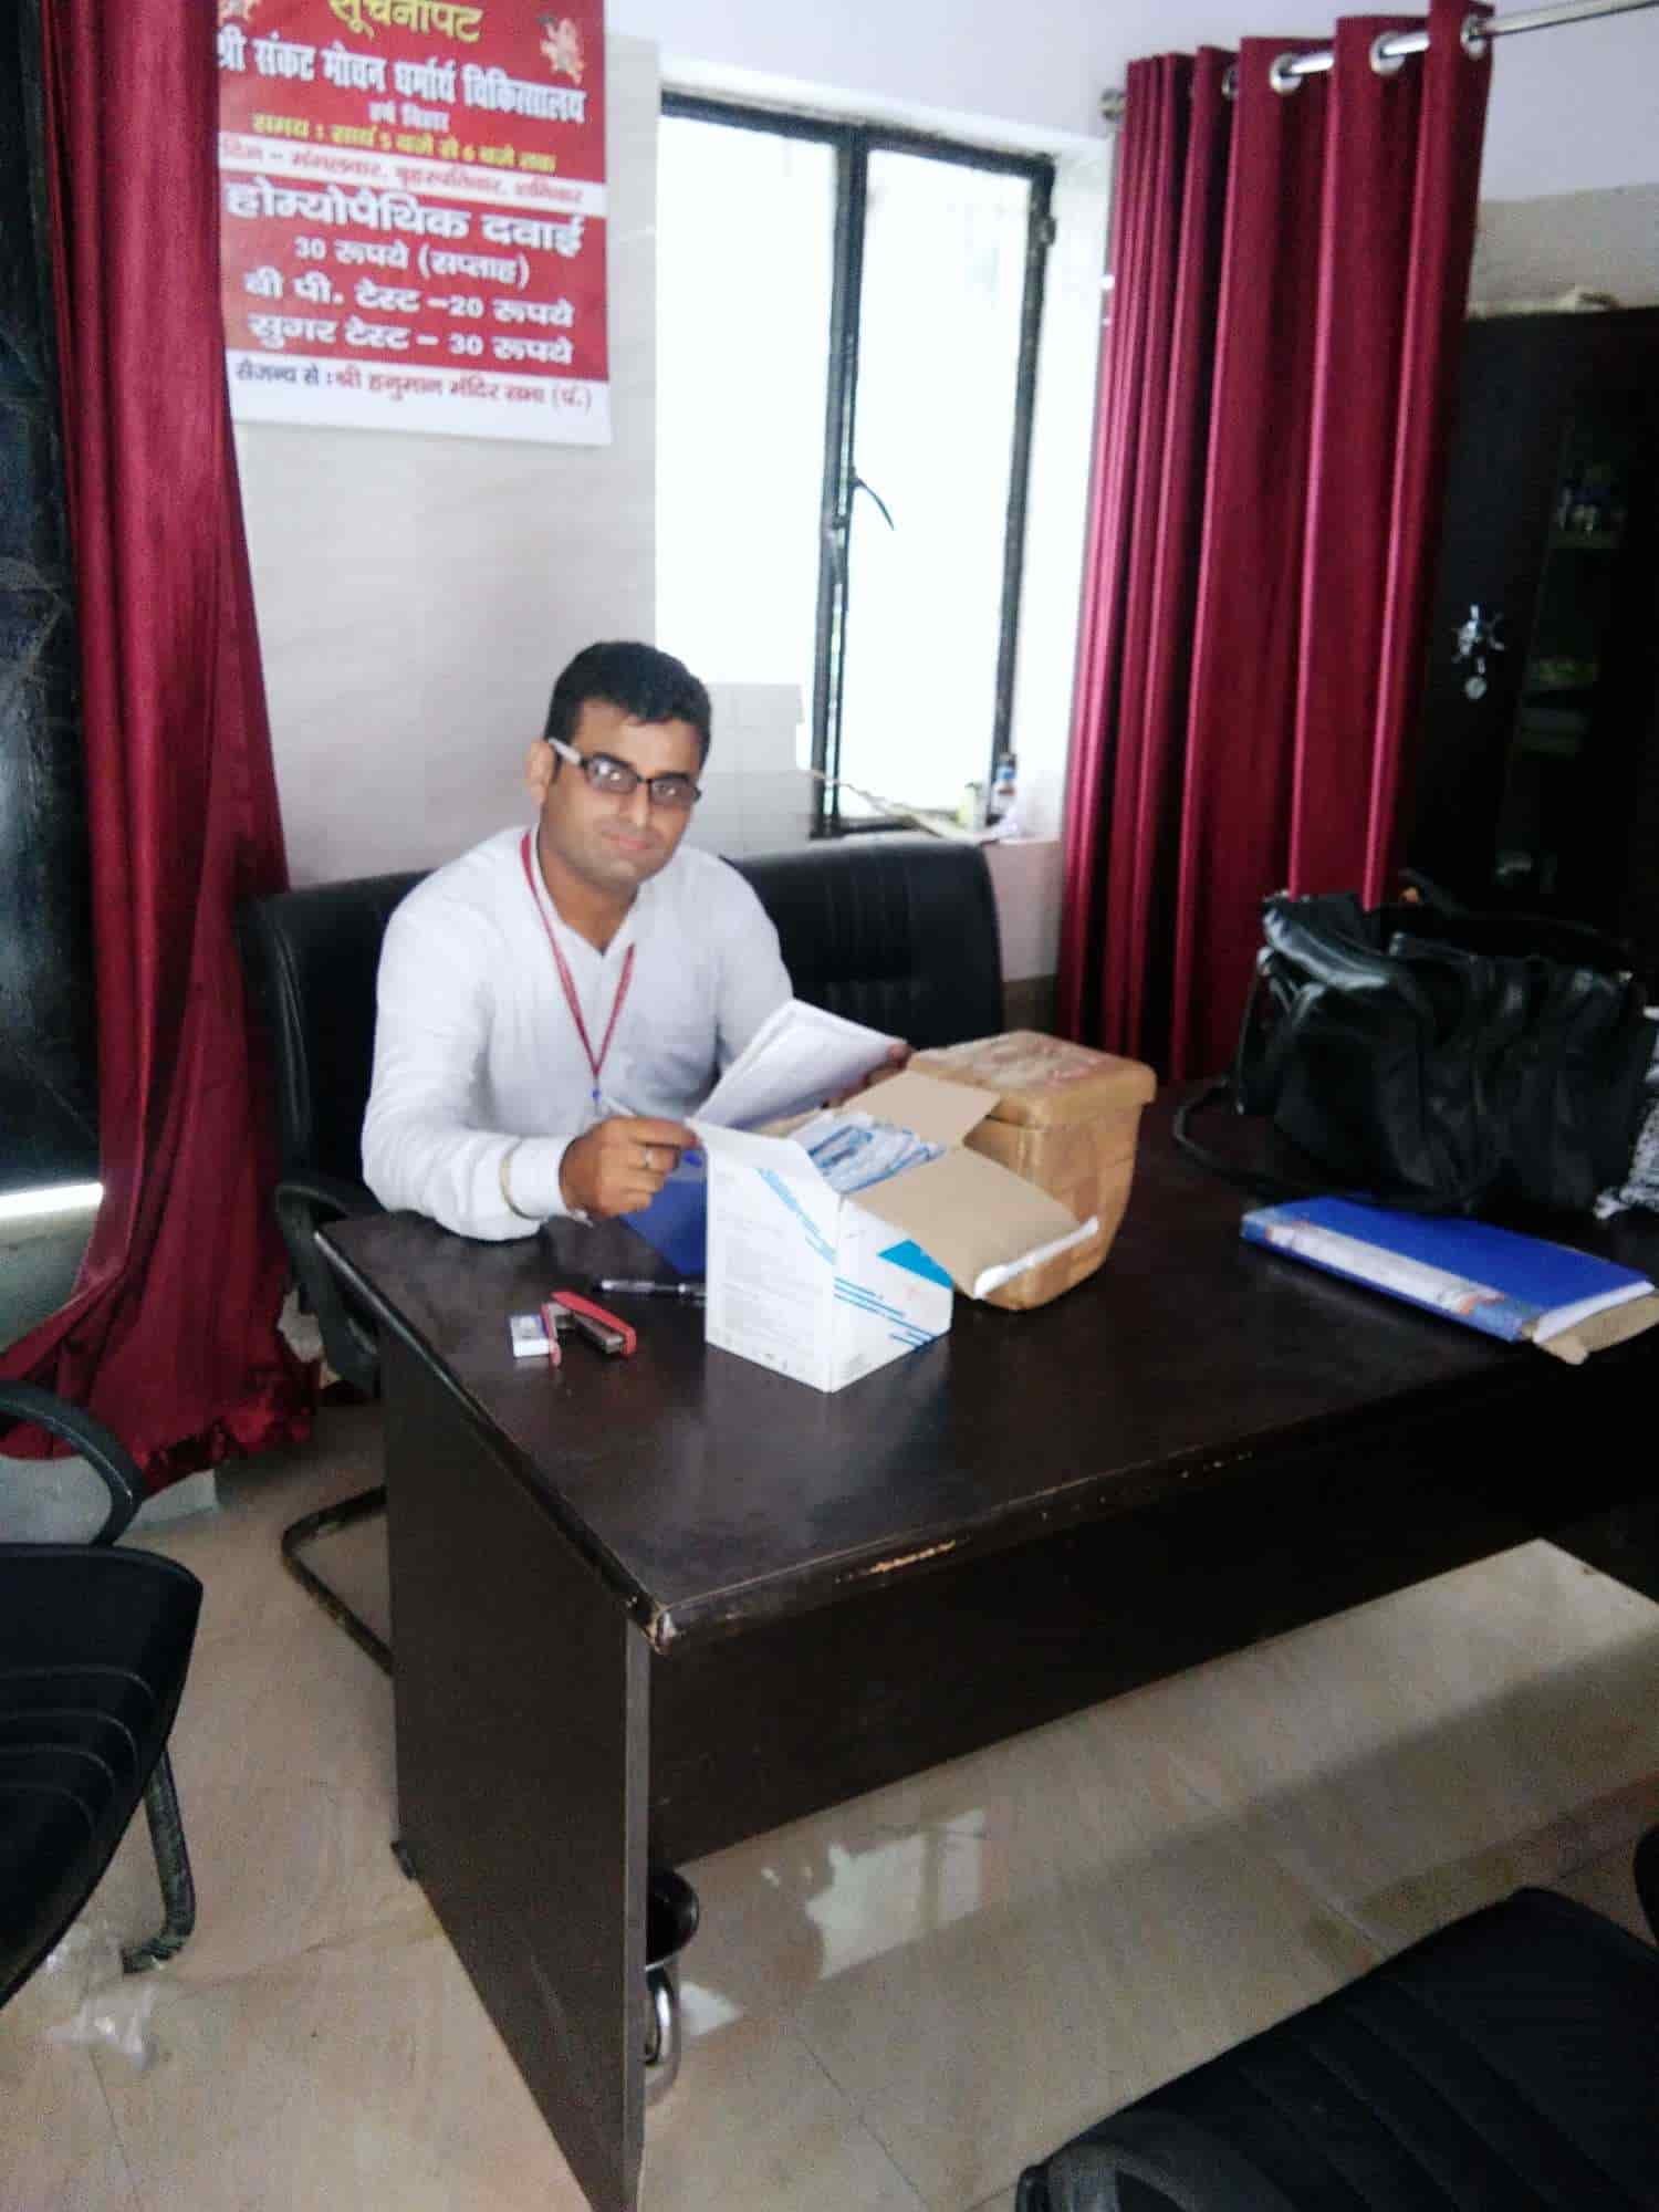 Kartavya Social and Cultural Foundation, Sant Nagar - NGOS